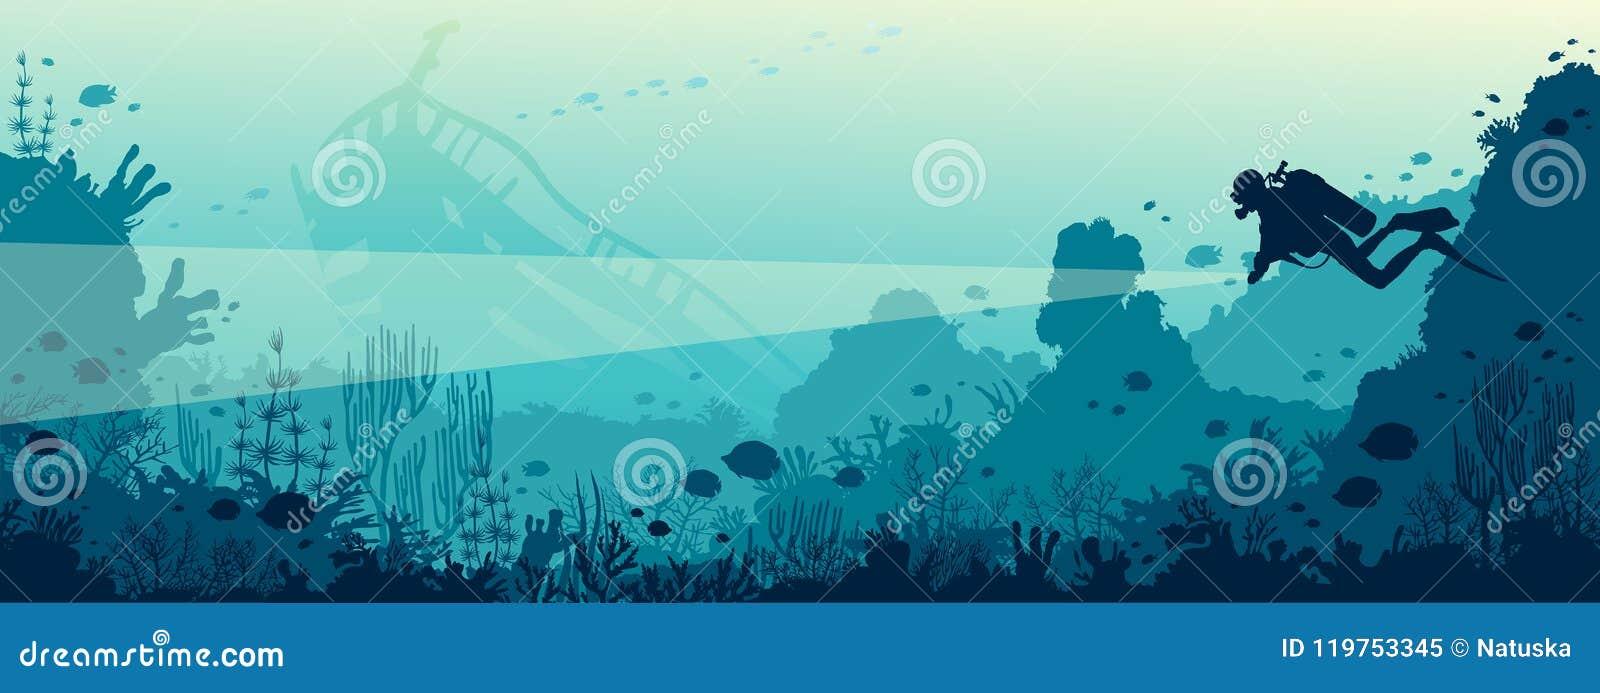 Водолаз акваланга, подводная развалина, коралловый риф, море